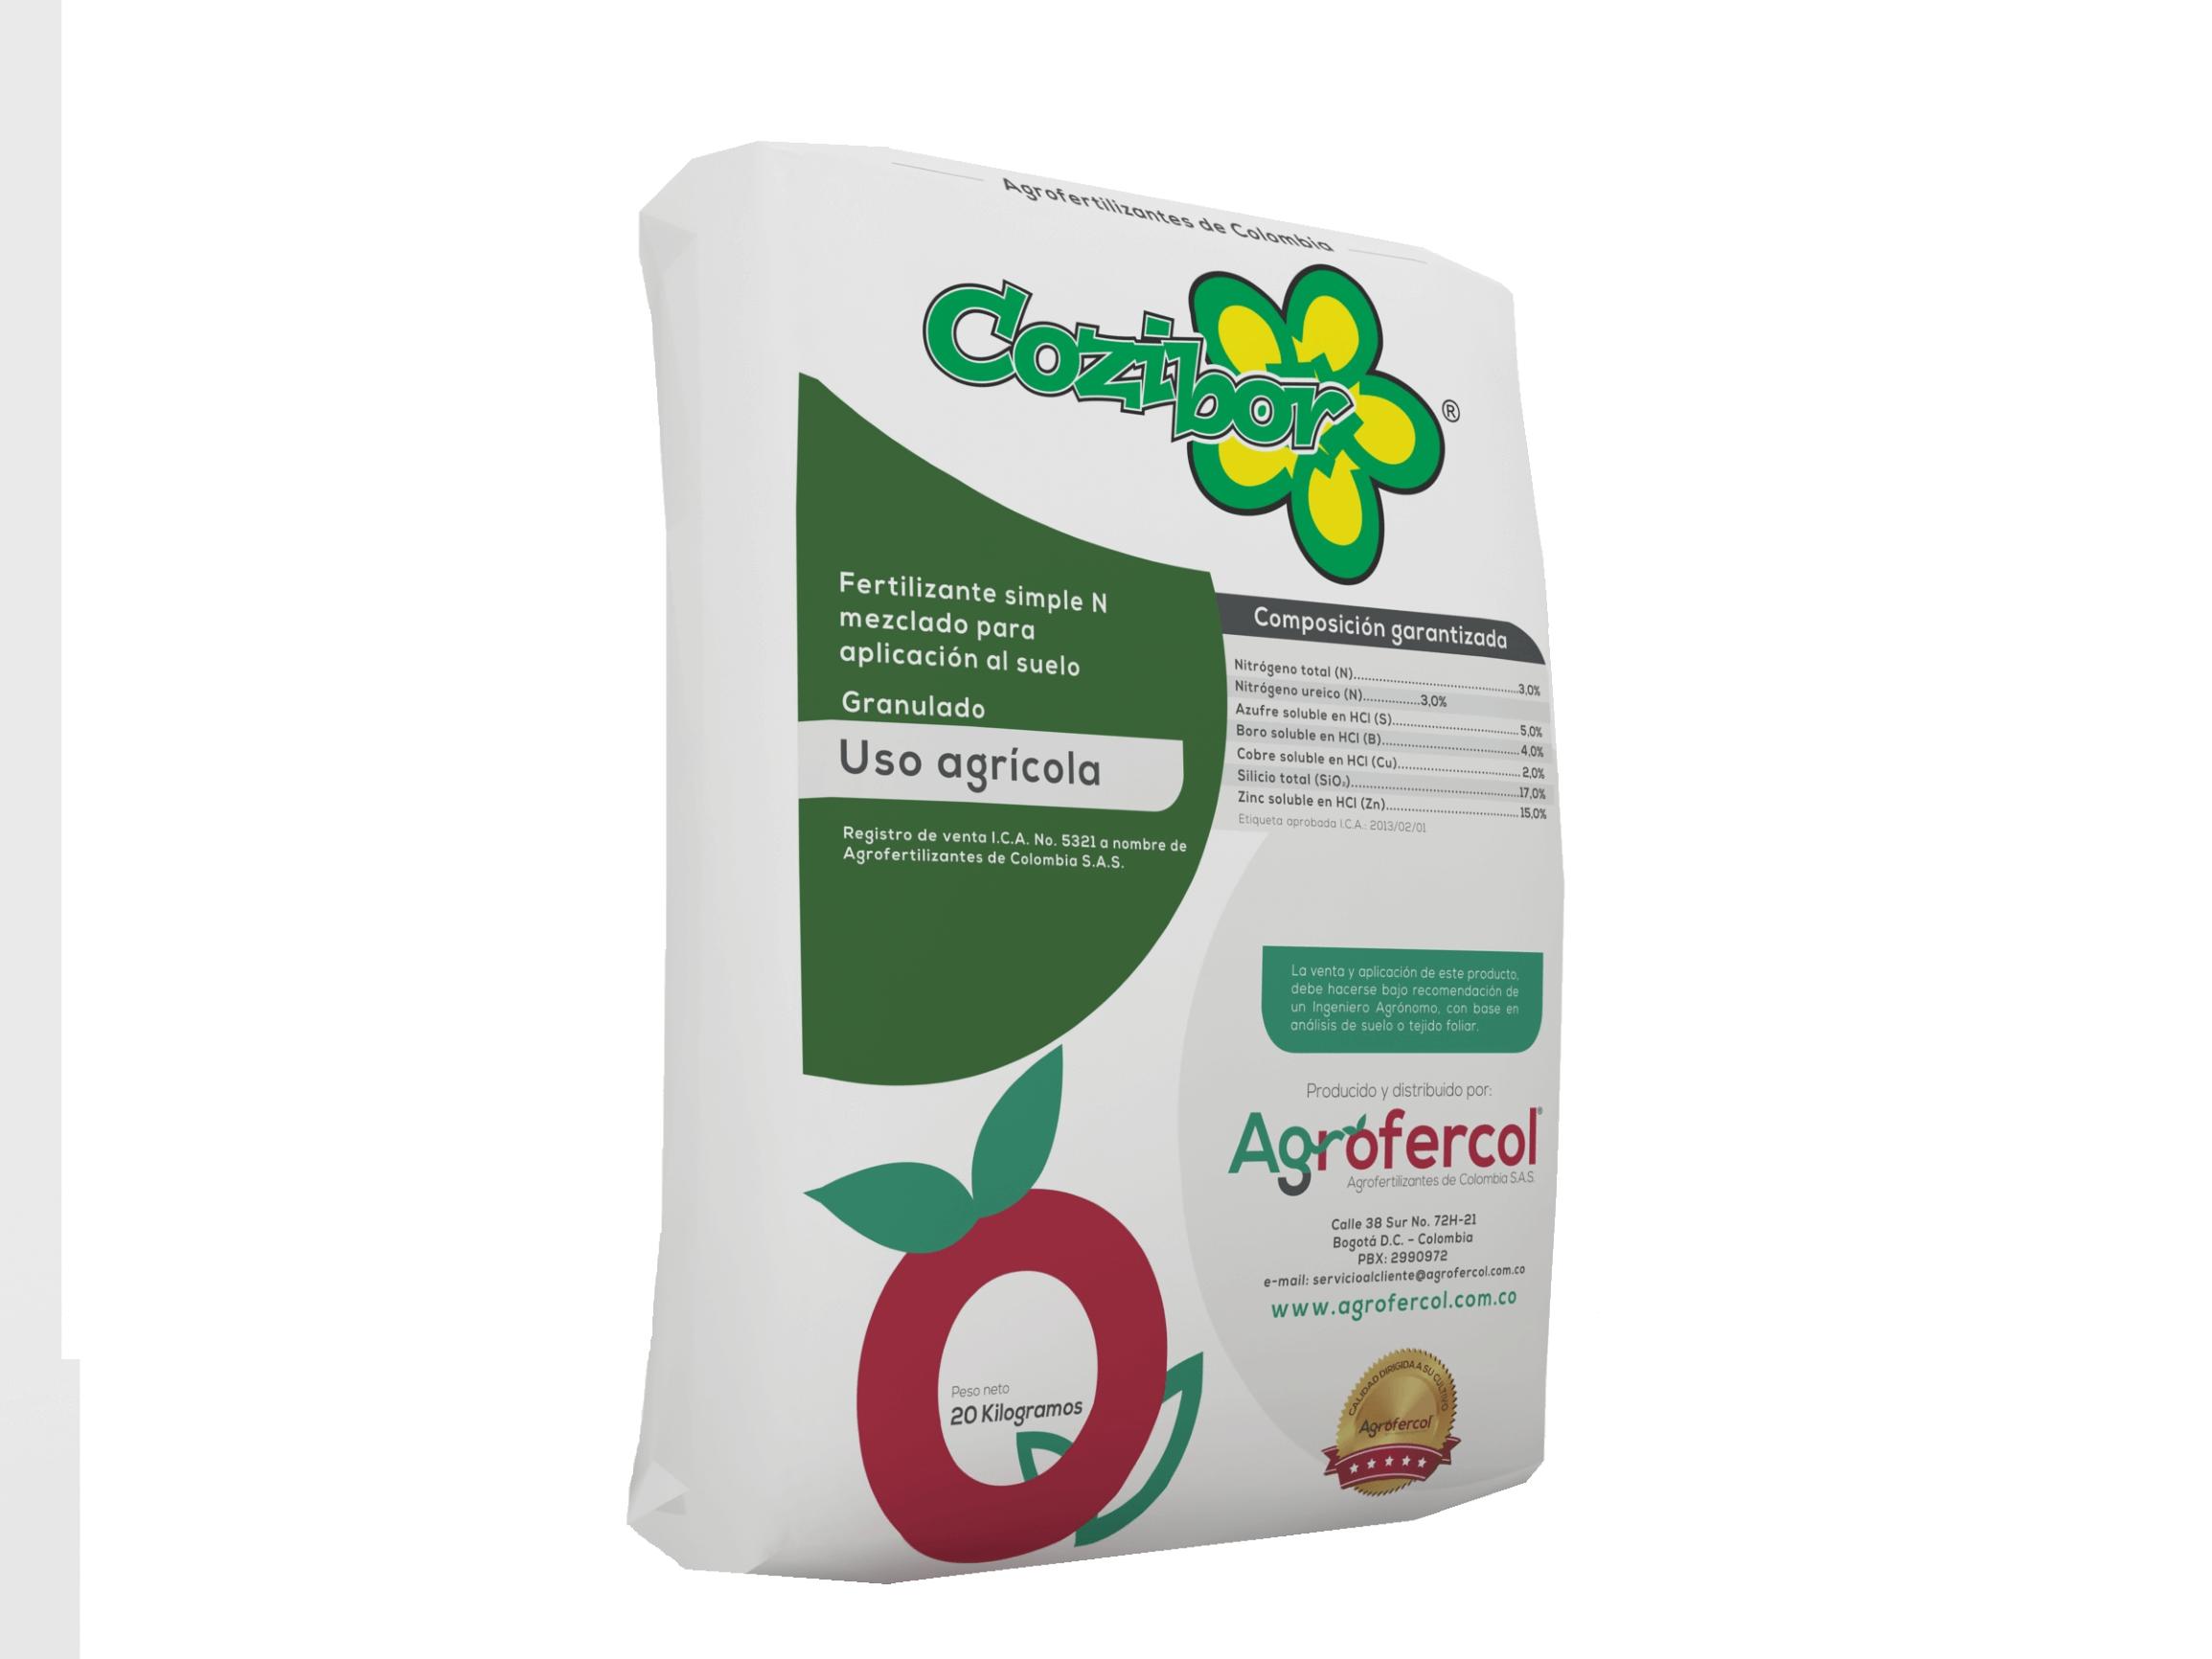 Fertilizante-Agrofercol-COZIBOR.png